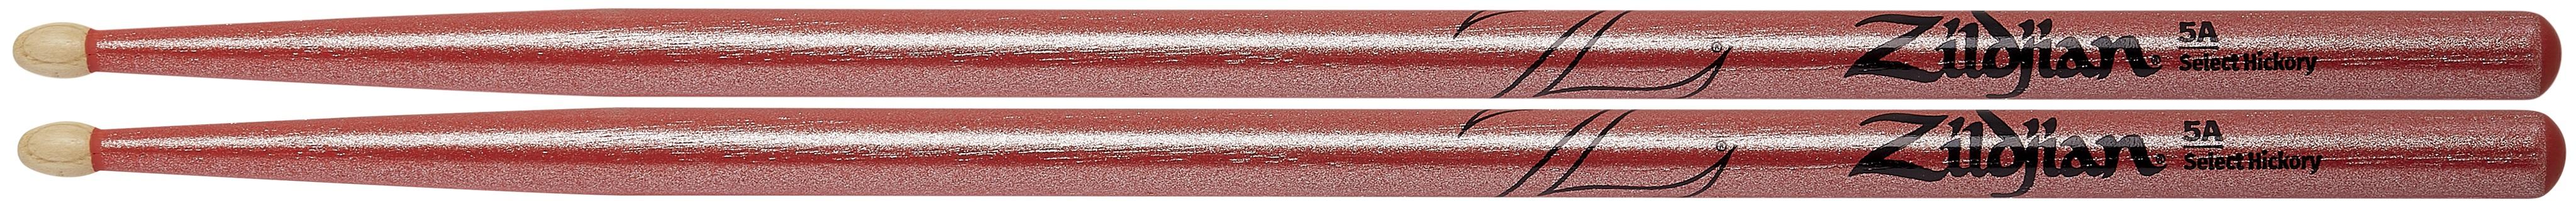 Zildjian 5A Chroma Pink (Metallic Paint)